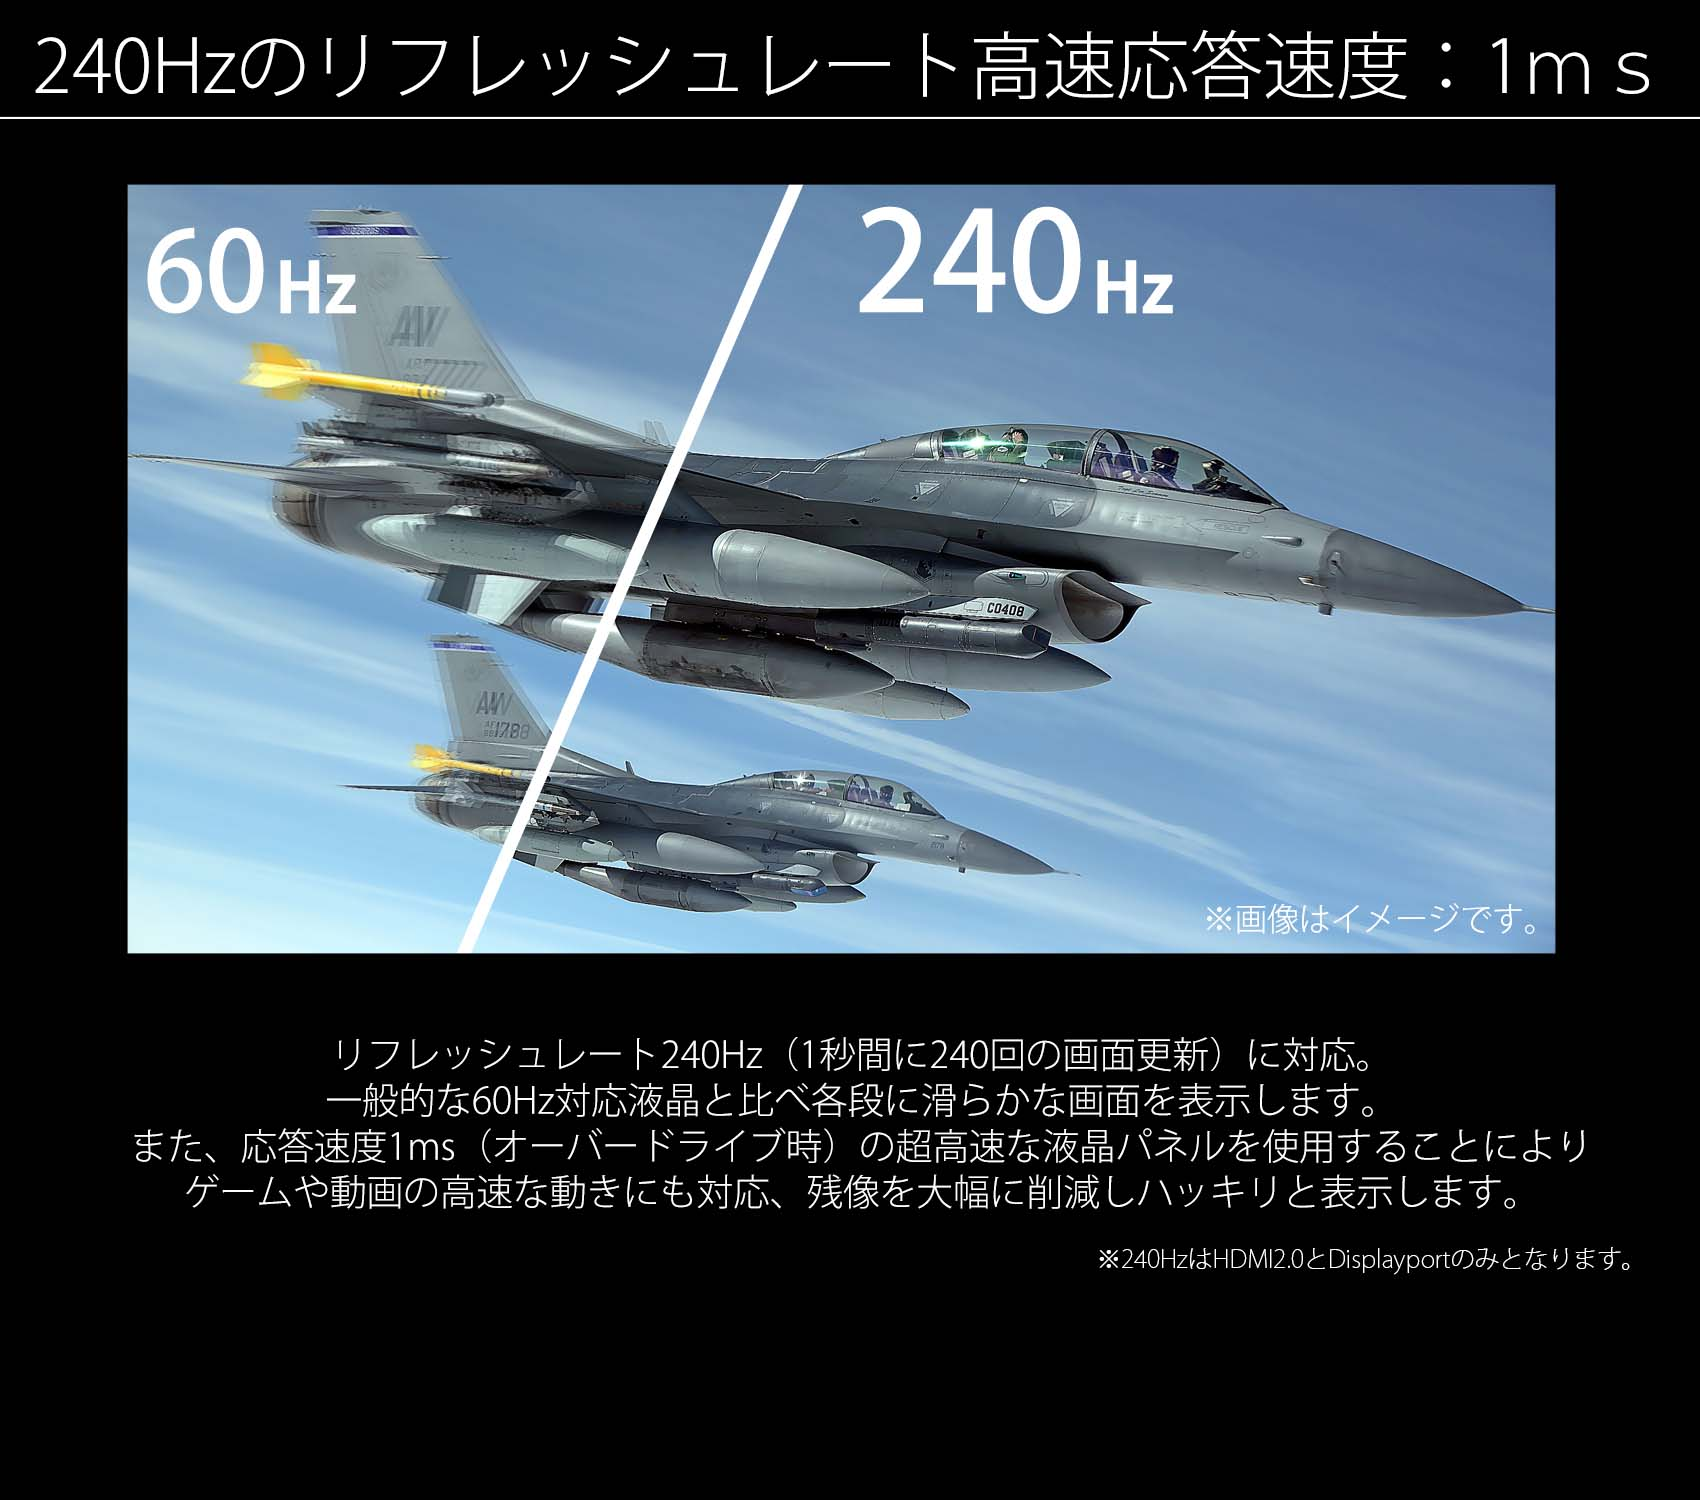 リフレッシュレート240hz 応答速度1ms 21:9 ゲーミングモニター